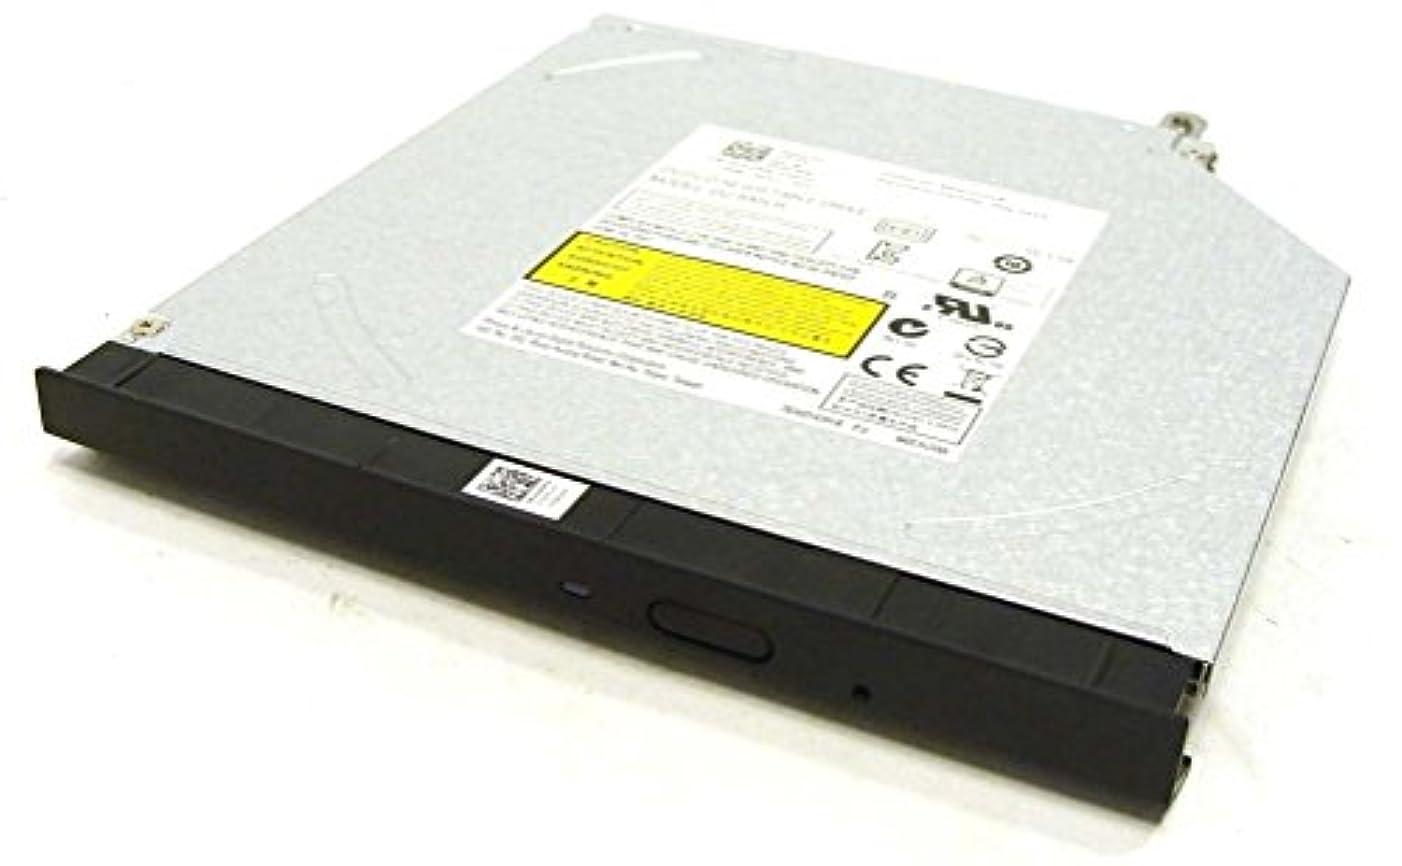 梨嫌悪合体CD DVDバーナーライタープレーヤードライブfor Dell Inspiron 15 3000シリーズモデル3542ノートパソコン